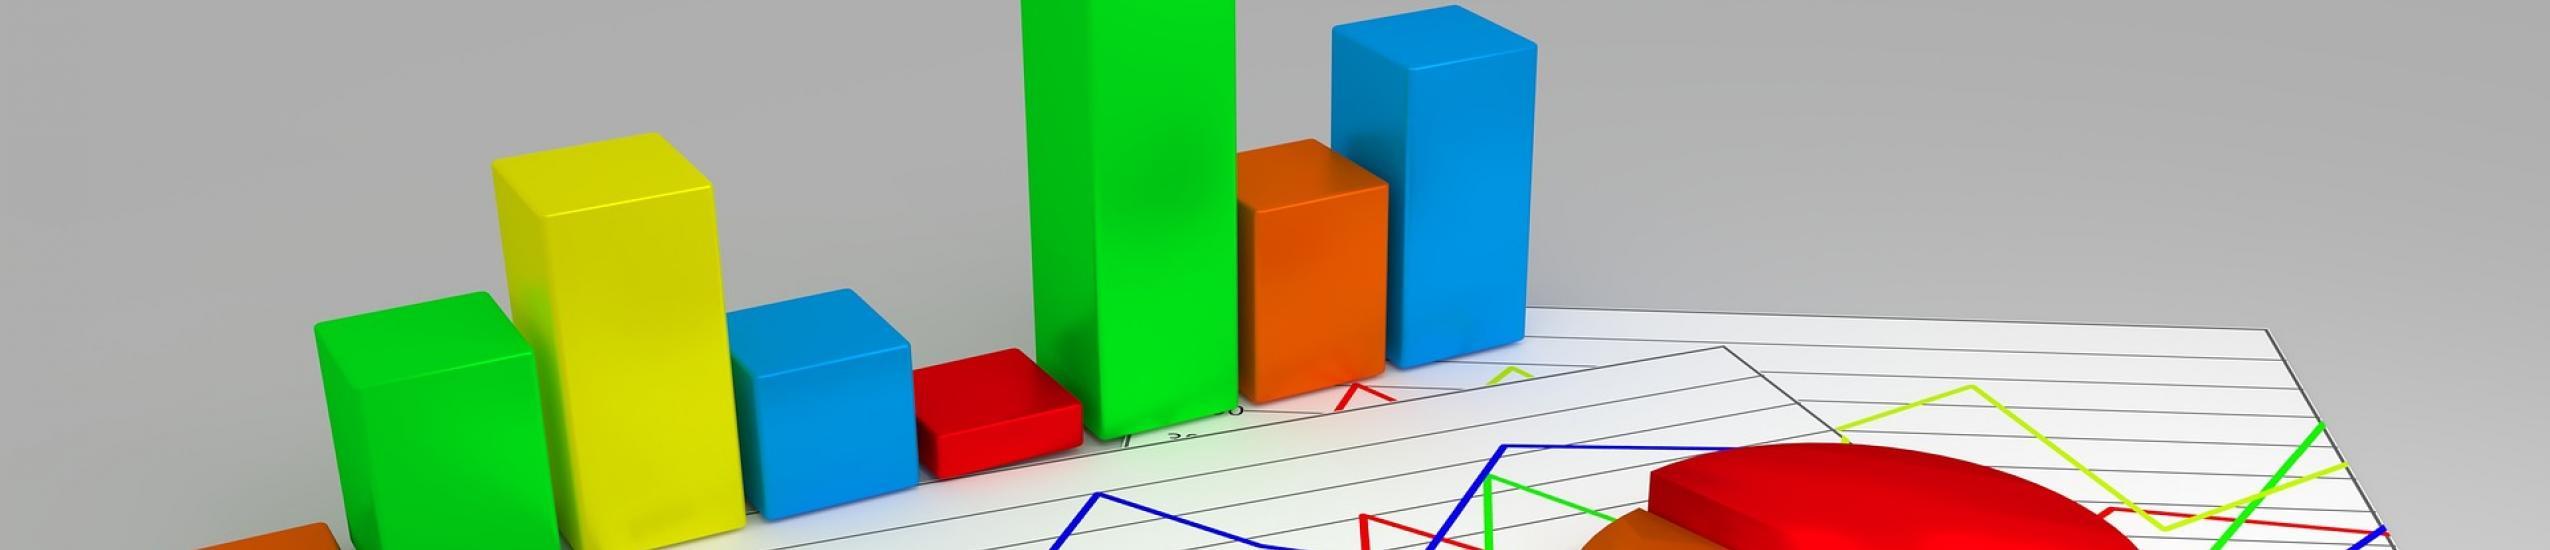 Le analisi a supporto dei Piano di dimensionamento e dell'offerta formativa